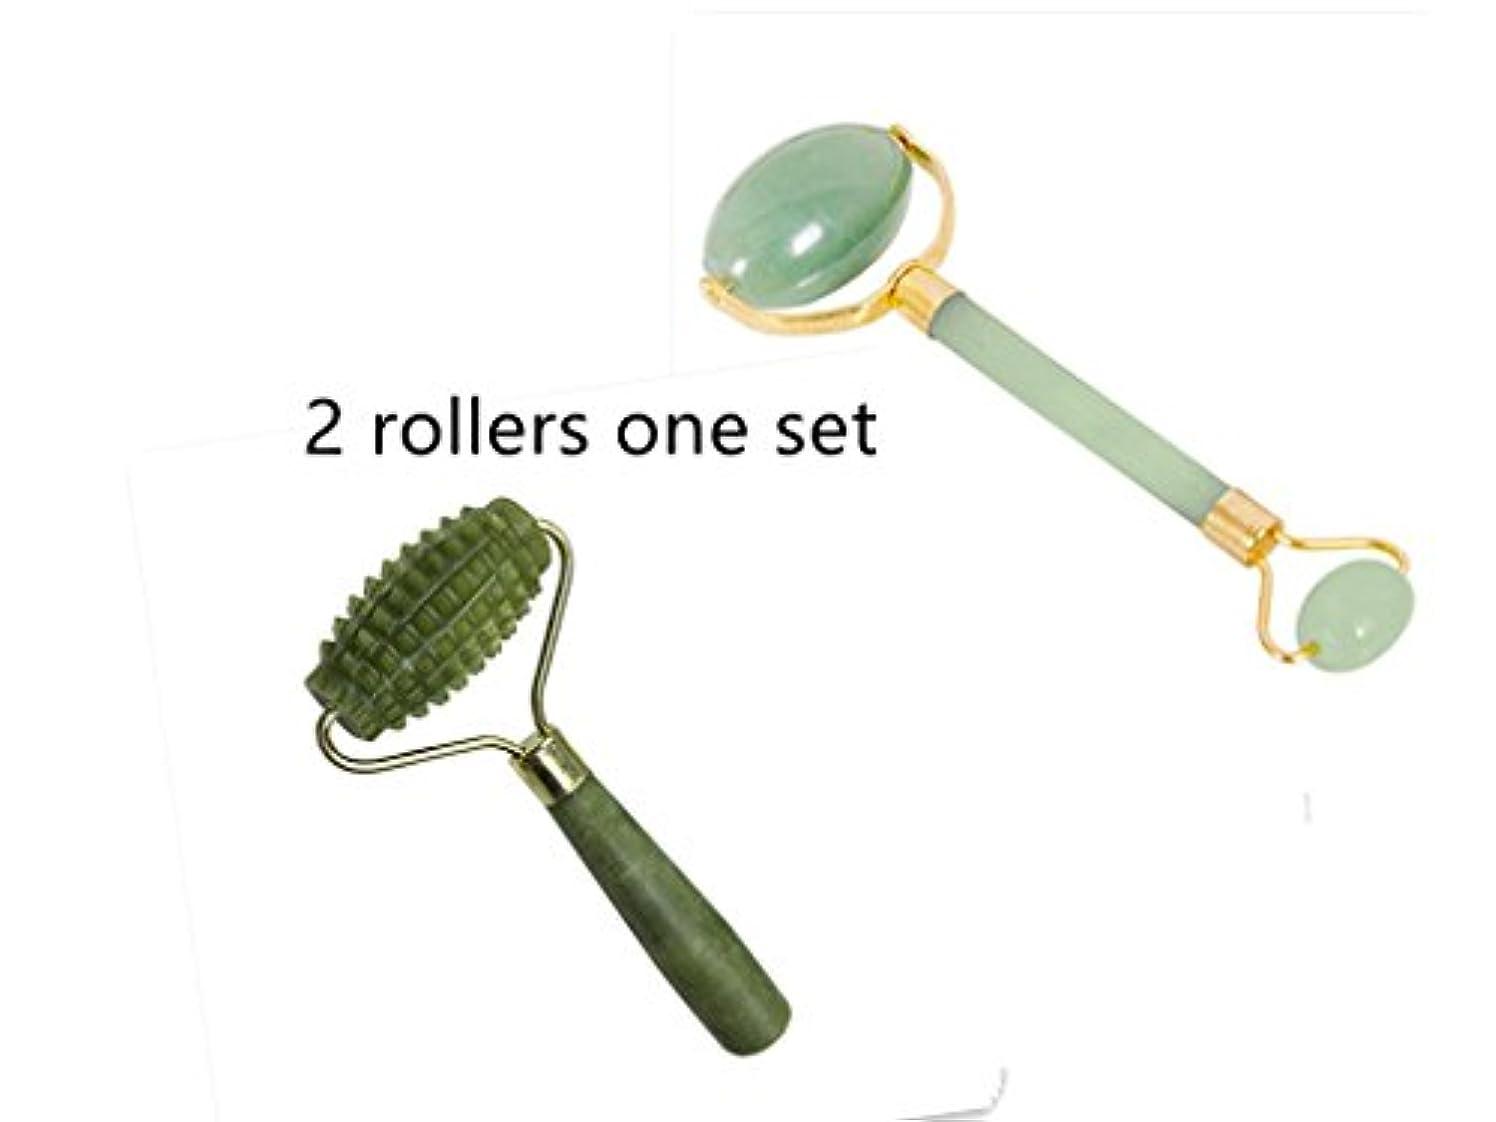 大気アルミニウム進化するEcho & Kern 2点翡翠フェイスマッサジギザギザ付きでローラー 2pcs one set Double head Jade Roller and one single head Jade roller